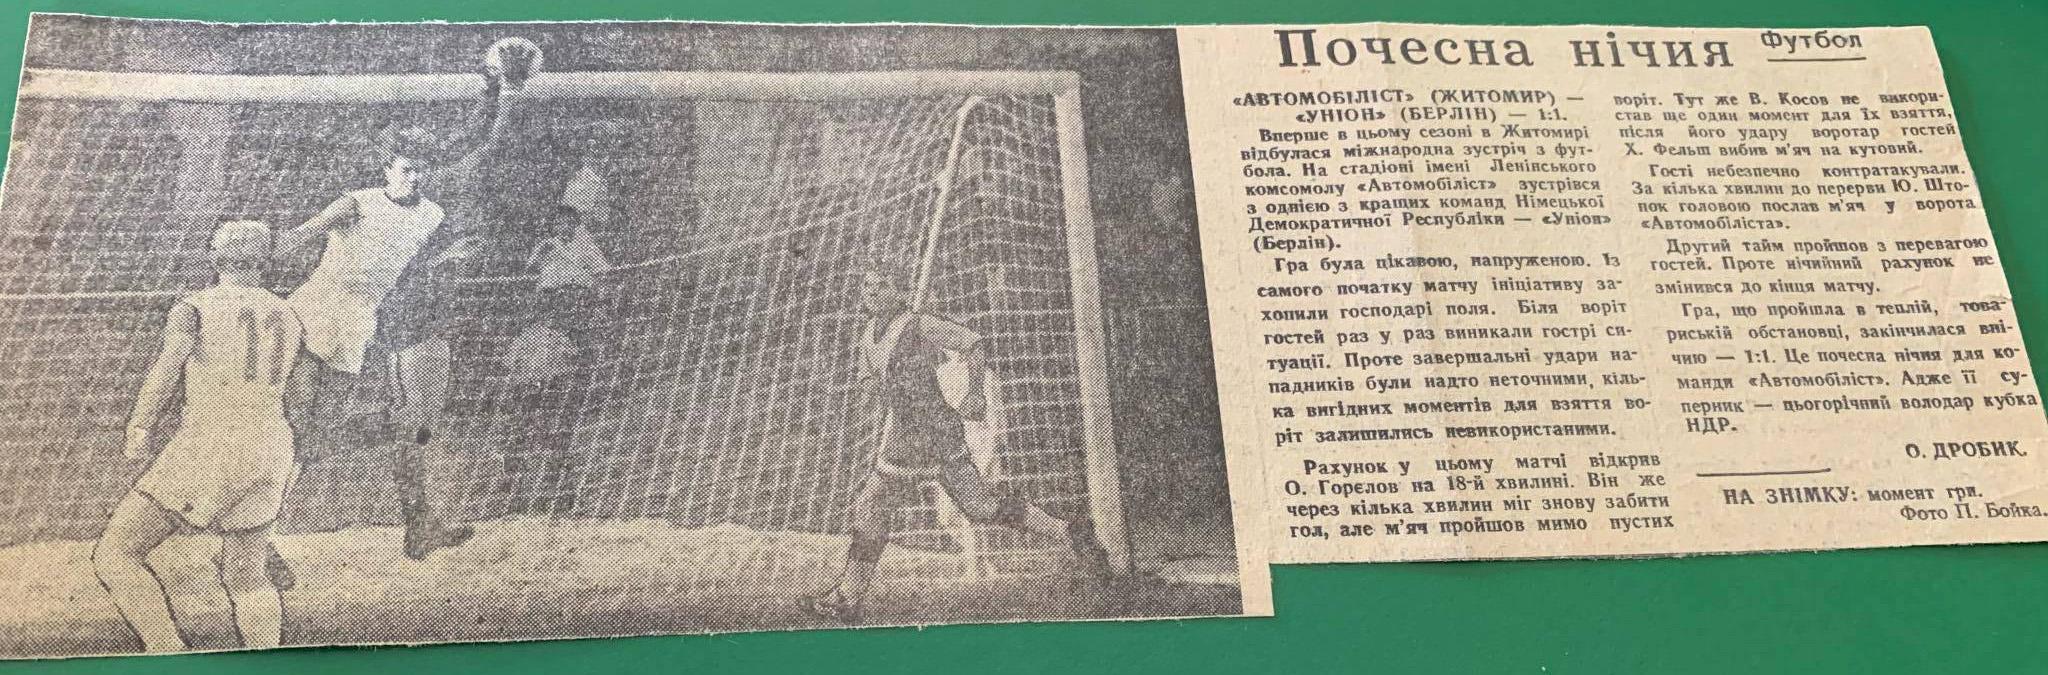 Der Spielbericht in ukrainischer Sprache von Unions Auftritt in Zhitomir am 23.7.1968, Foto: ZVG